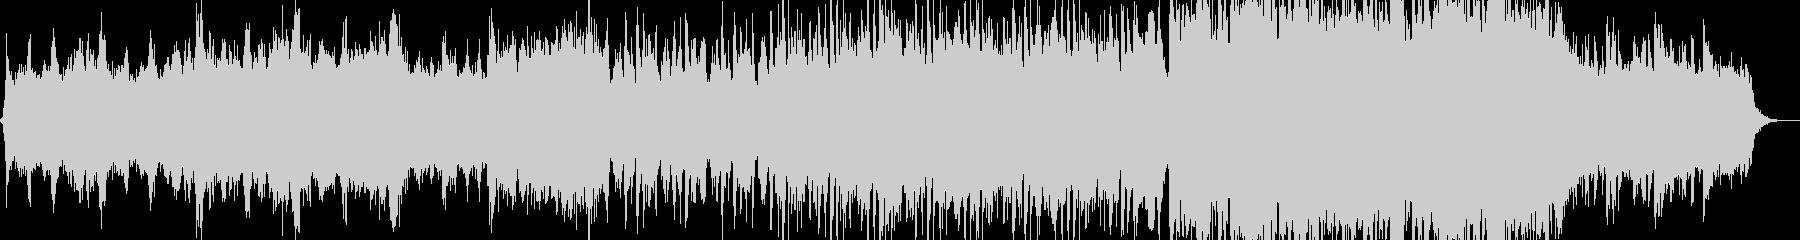 ドラゴンブレイド第7弾目です。の未再生の波形